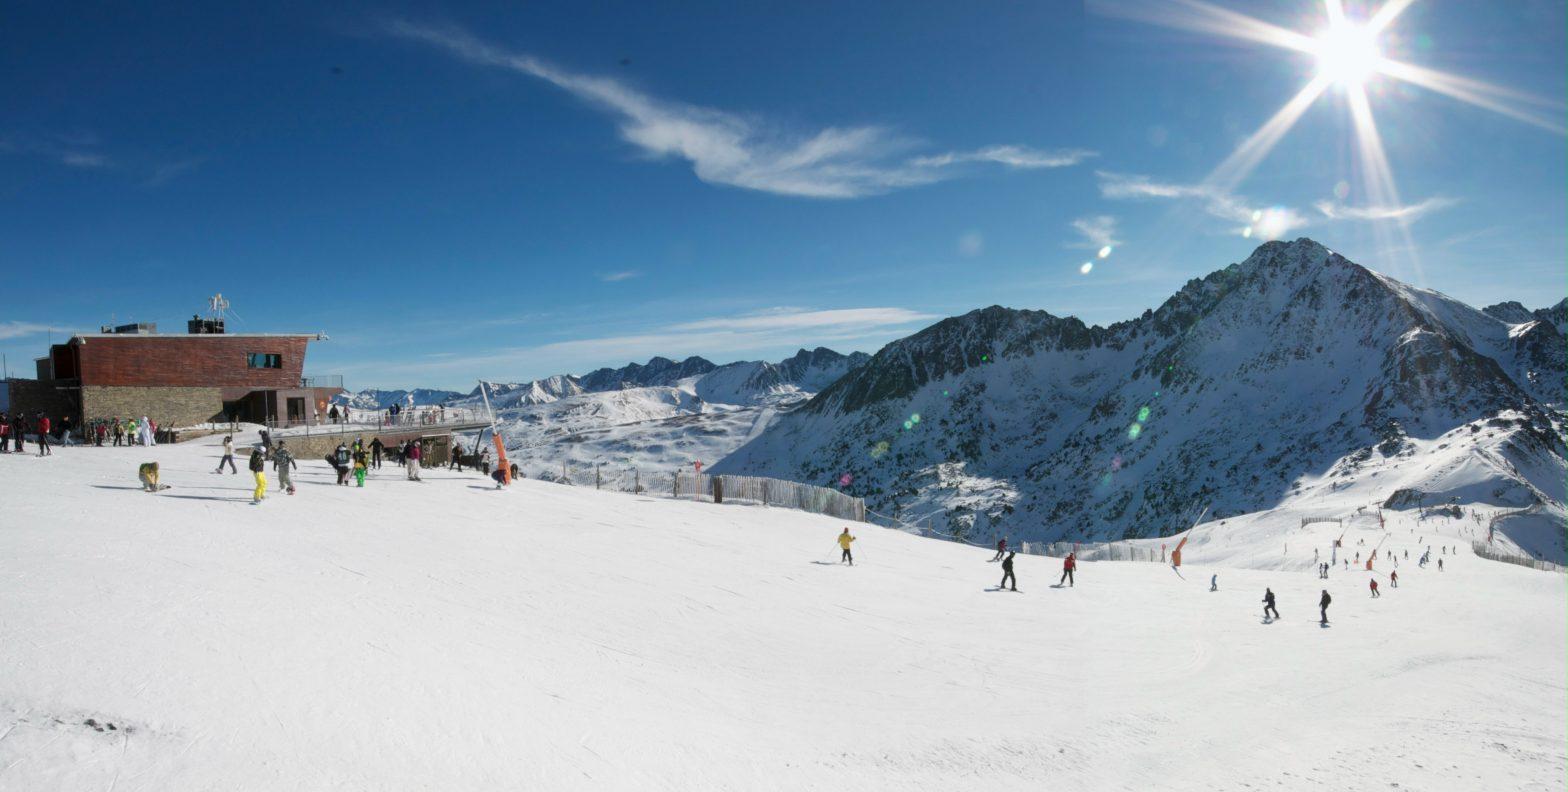 Permisos de trabajo en Andorra - Conozca las condiciones para obtener permiso de residencia pasiva o activa Ventajas fiscales de una residencia en Andorra Andorra, una jurisdicción de bajos impuestos que ofrece múltiples ventajas fiscales : Máx. impuesto sobre la renta de personas físicas (IRPF) del 10%. 24.000 EUR deducción de impuestos sobre todos los salarios. Impuesto de sociedades de entre el 2 y el 10% sobre los beneficios. Los dividendos de las entidades andorranas se gravan al 0%. No hay impuesto sobre el patrimonio ni herencia en Andorra. Empresas de tenencia de valores extranjeras (holdings / ETVE)con una participación mínima en entidades extranjeras están exentas del pago de impuestos. La tasa de IVA tipo general está en 4,5%. Ciertos productos de los fondos de pensiones están exentas de impuestos en Andorra.